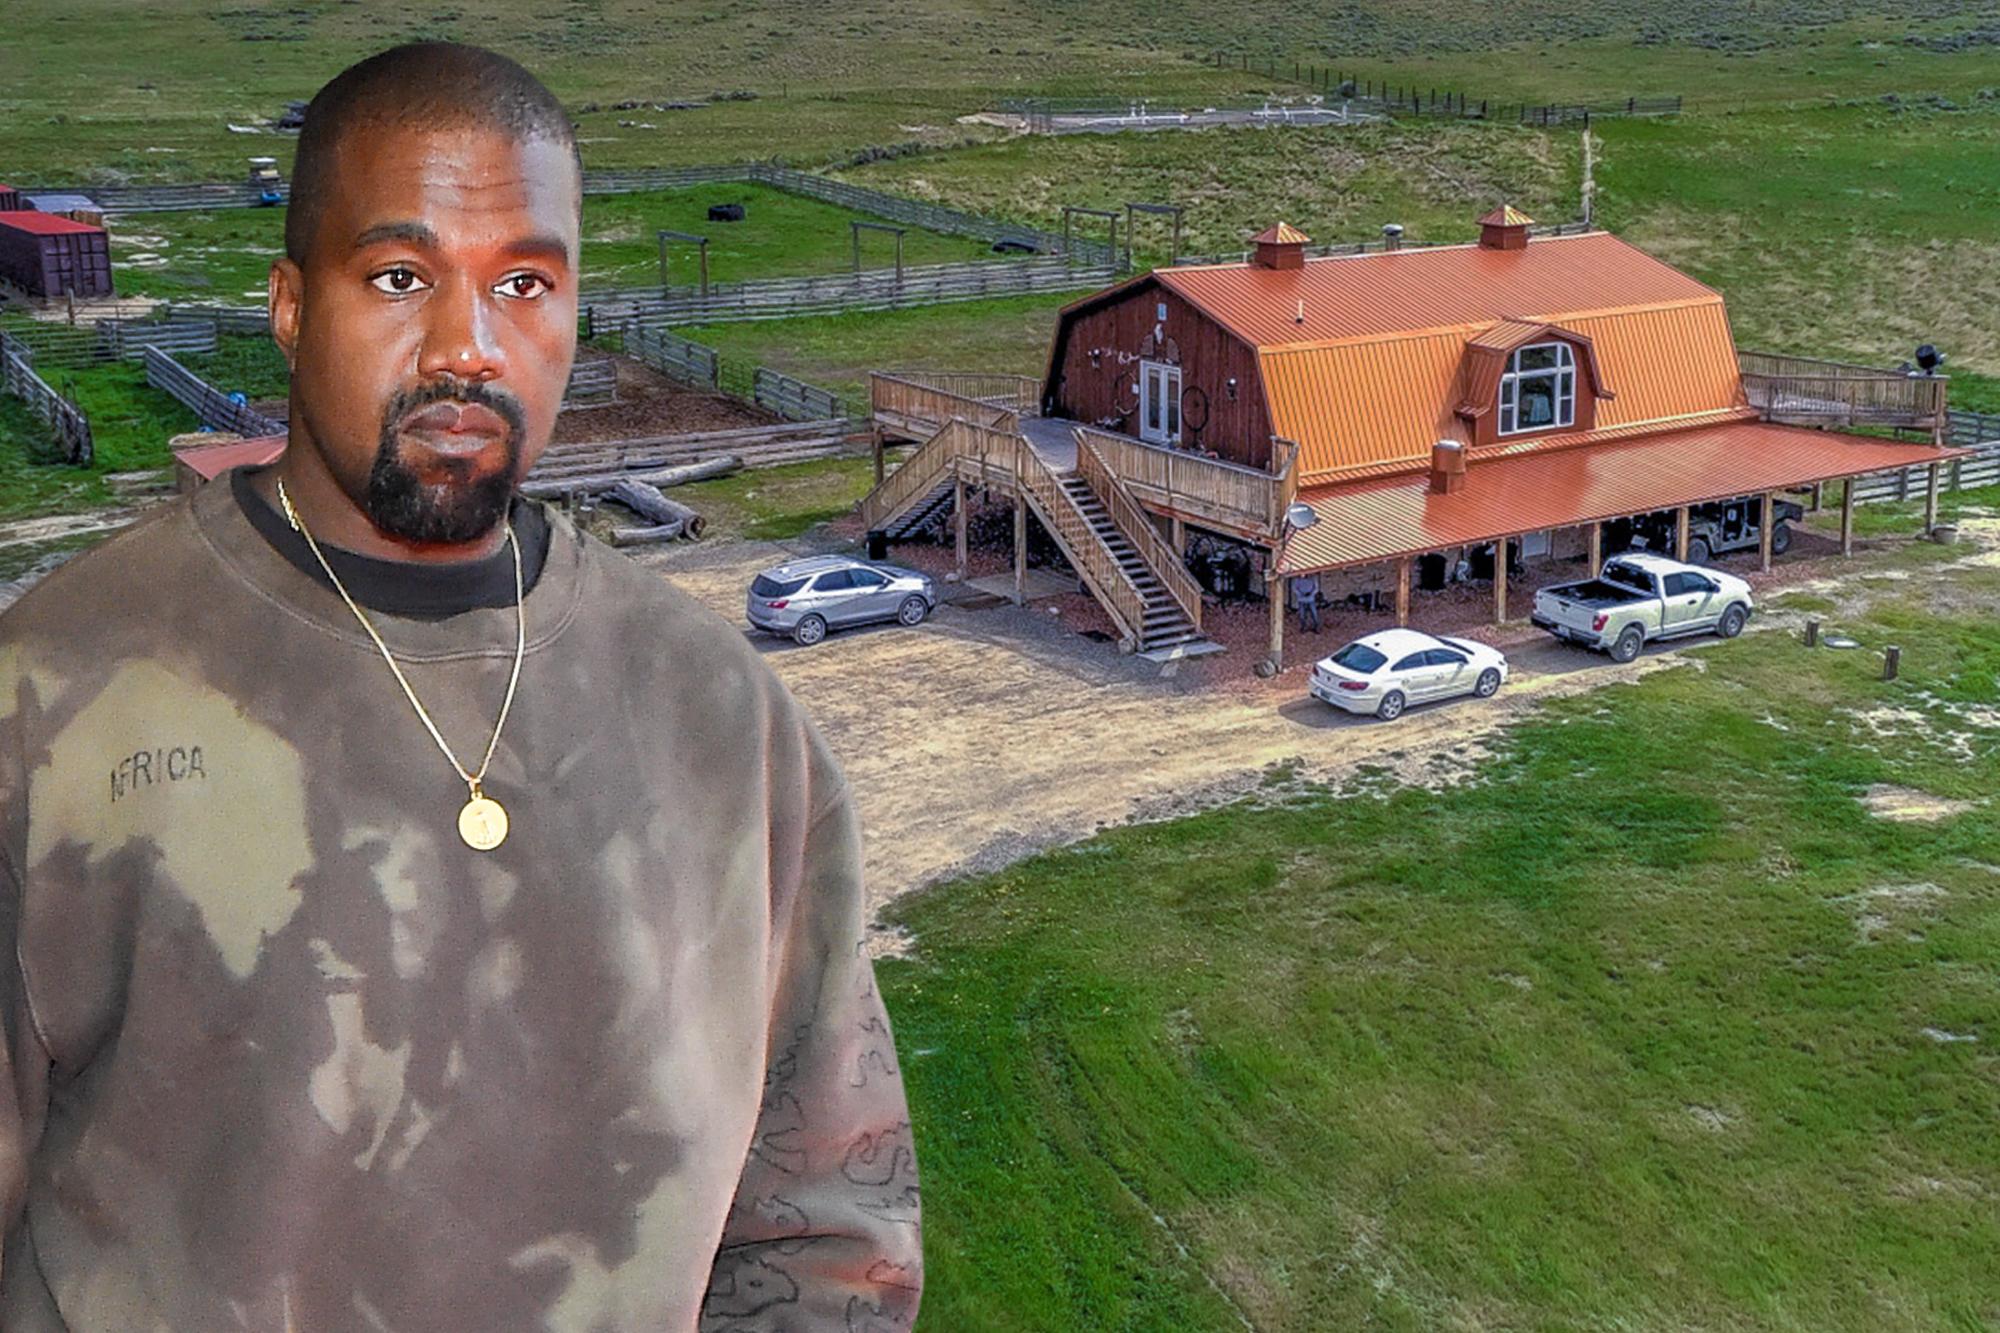 Kanye West Kim Kardashian Buy Huge 14m Ranch In Wyoming